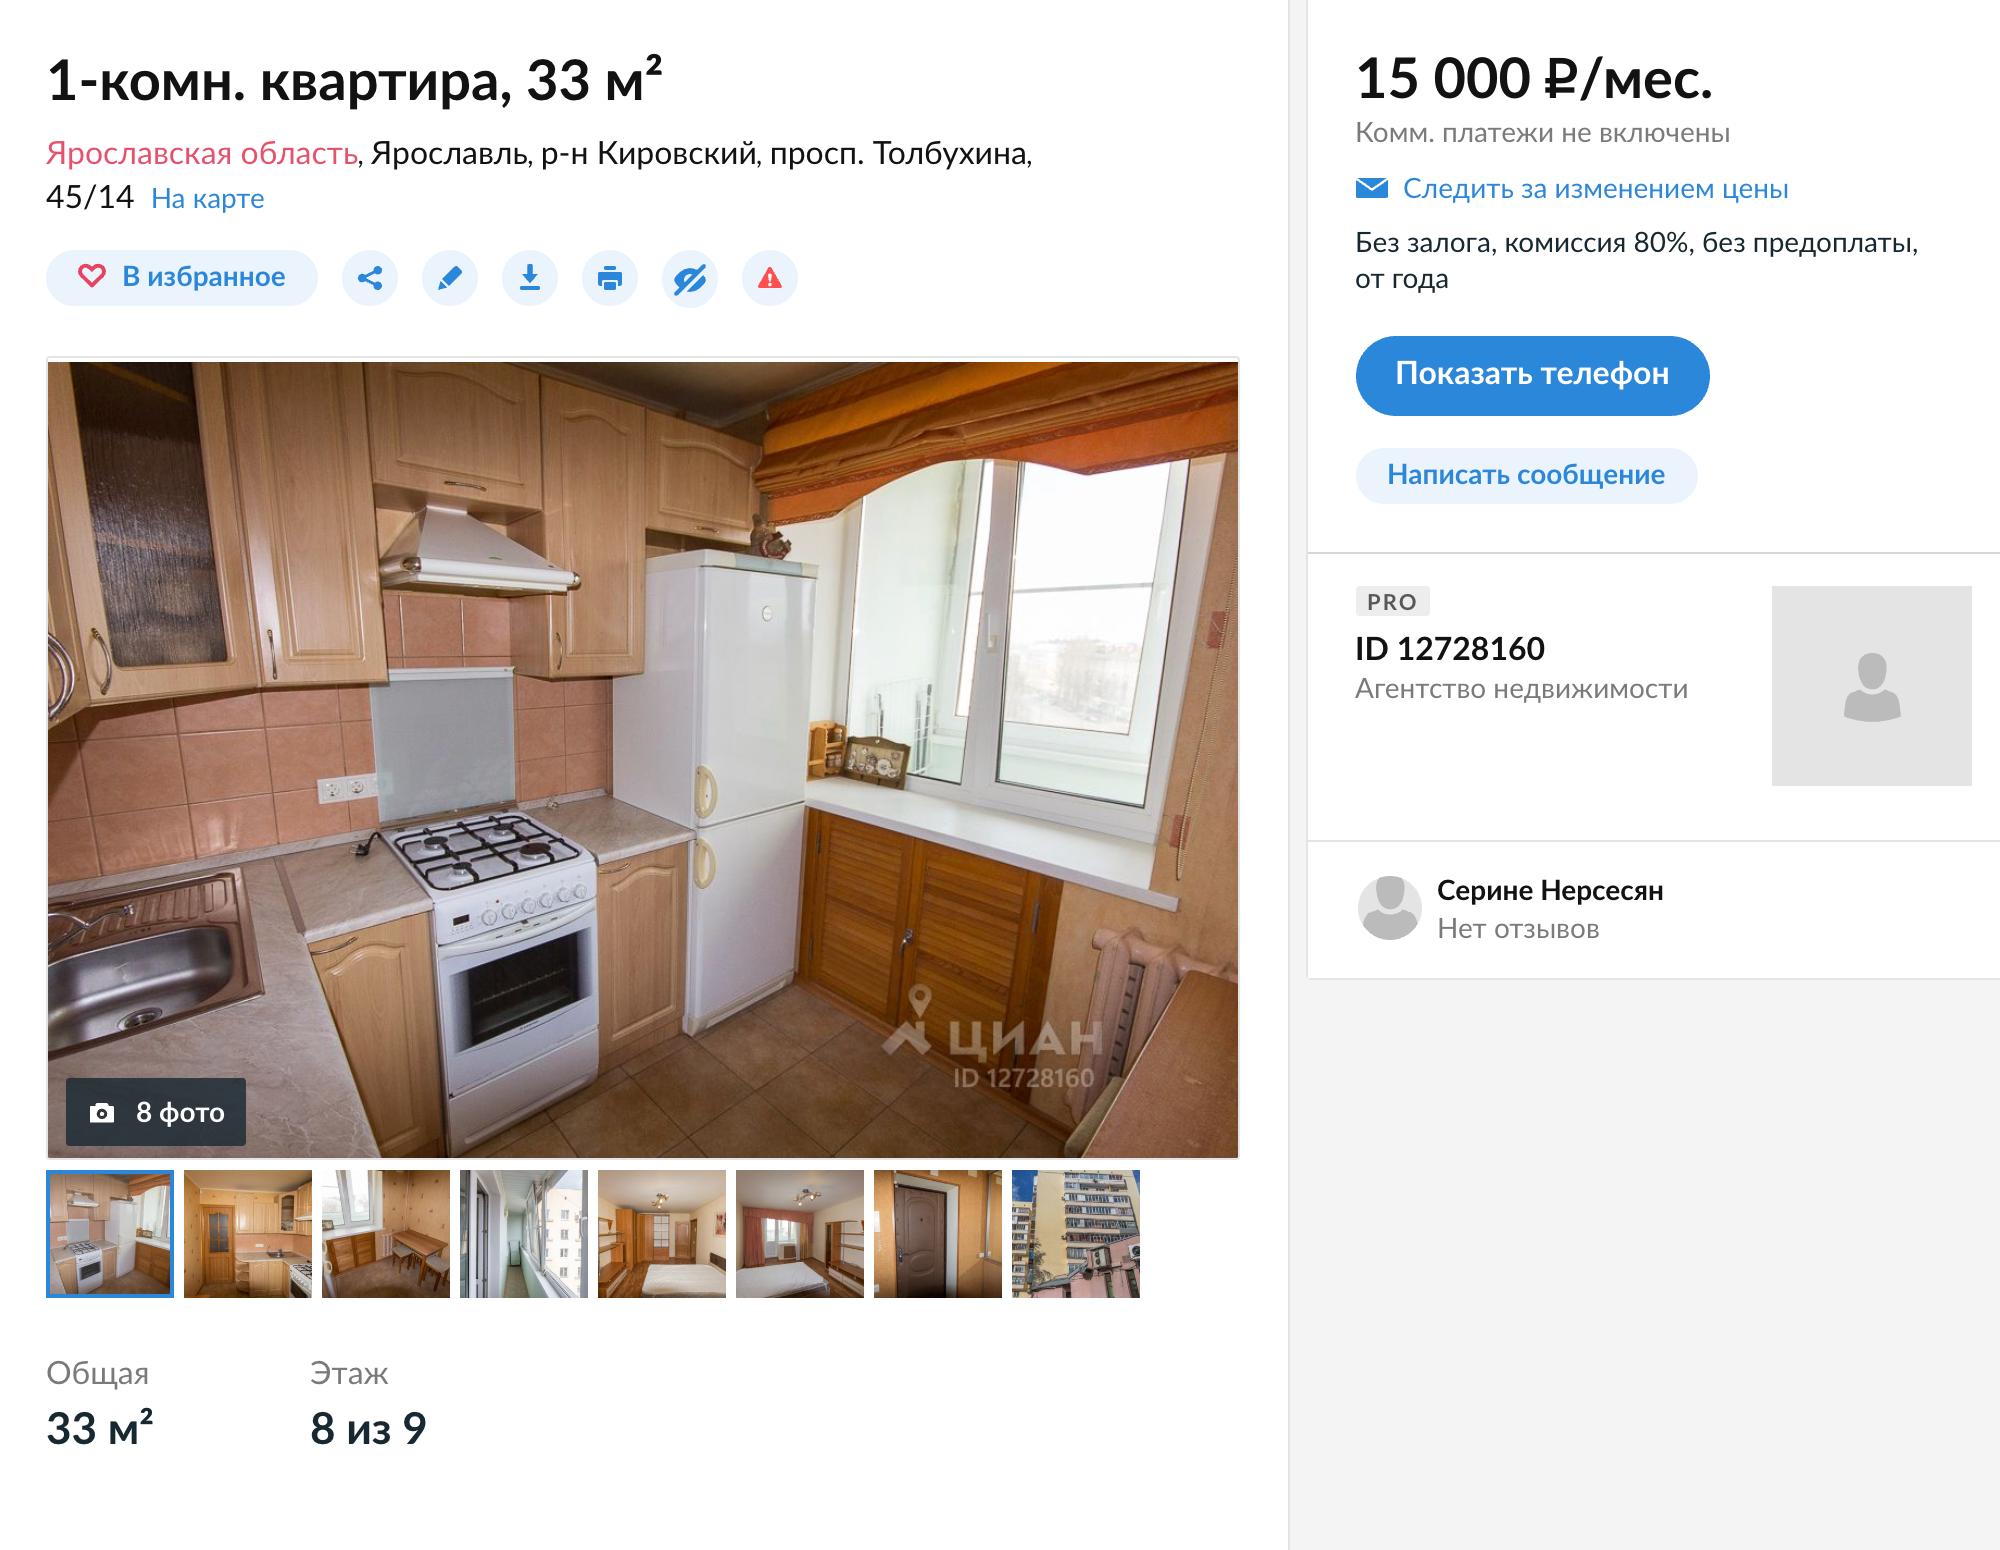 В центре города такая же квартира будет стоить уже 15 000 рублей в месяц